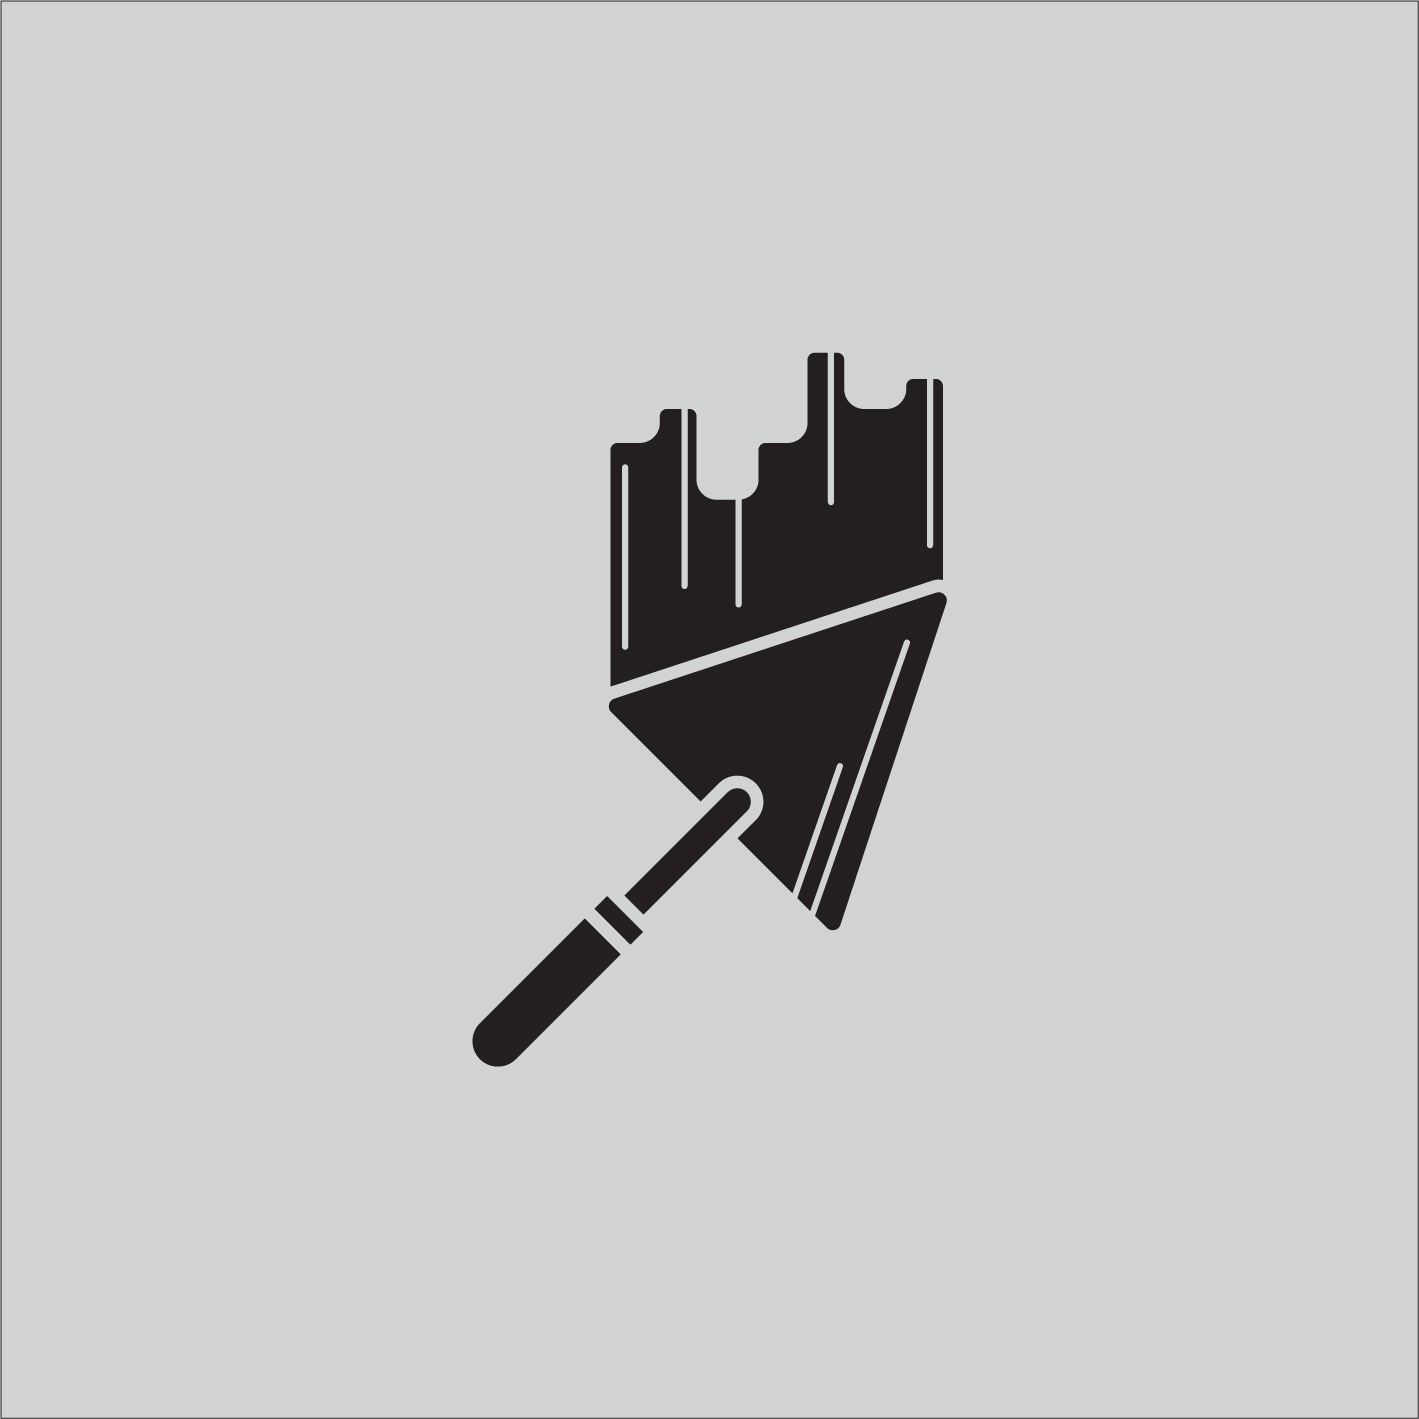 Fábrica Que Vende Bloco de Concreto em Itu - Blocos de Concreto Preço - Concreto São Paulo